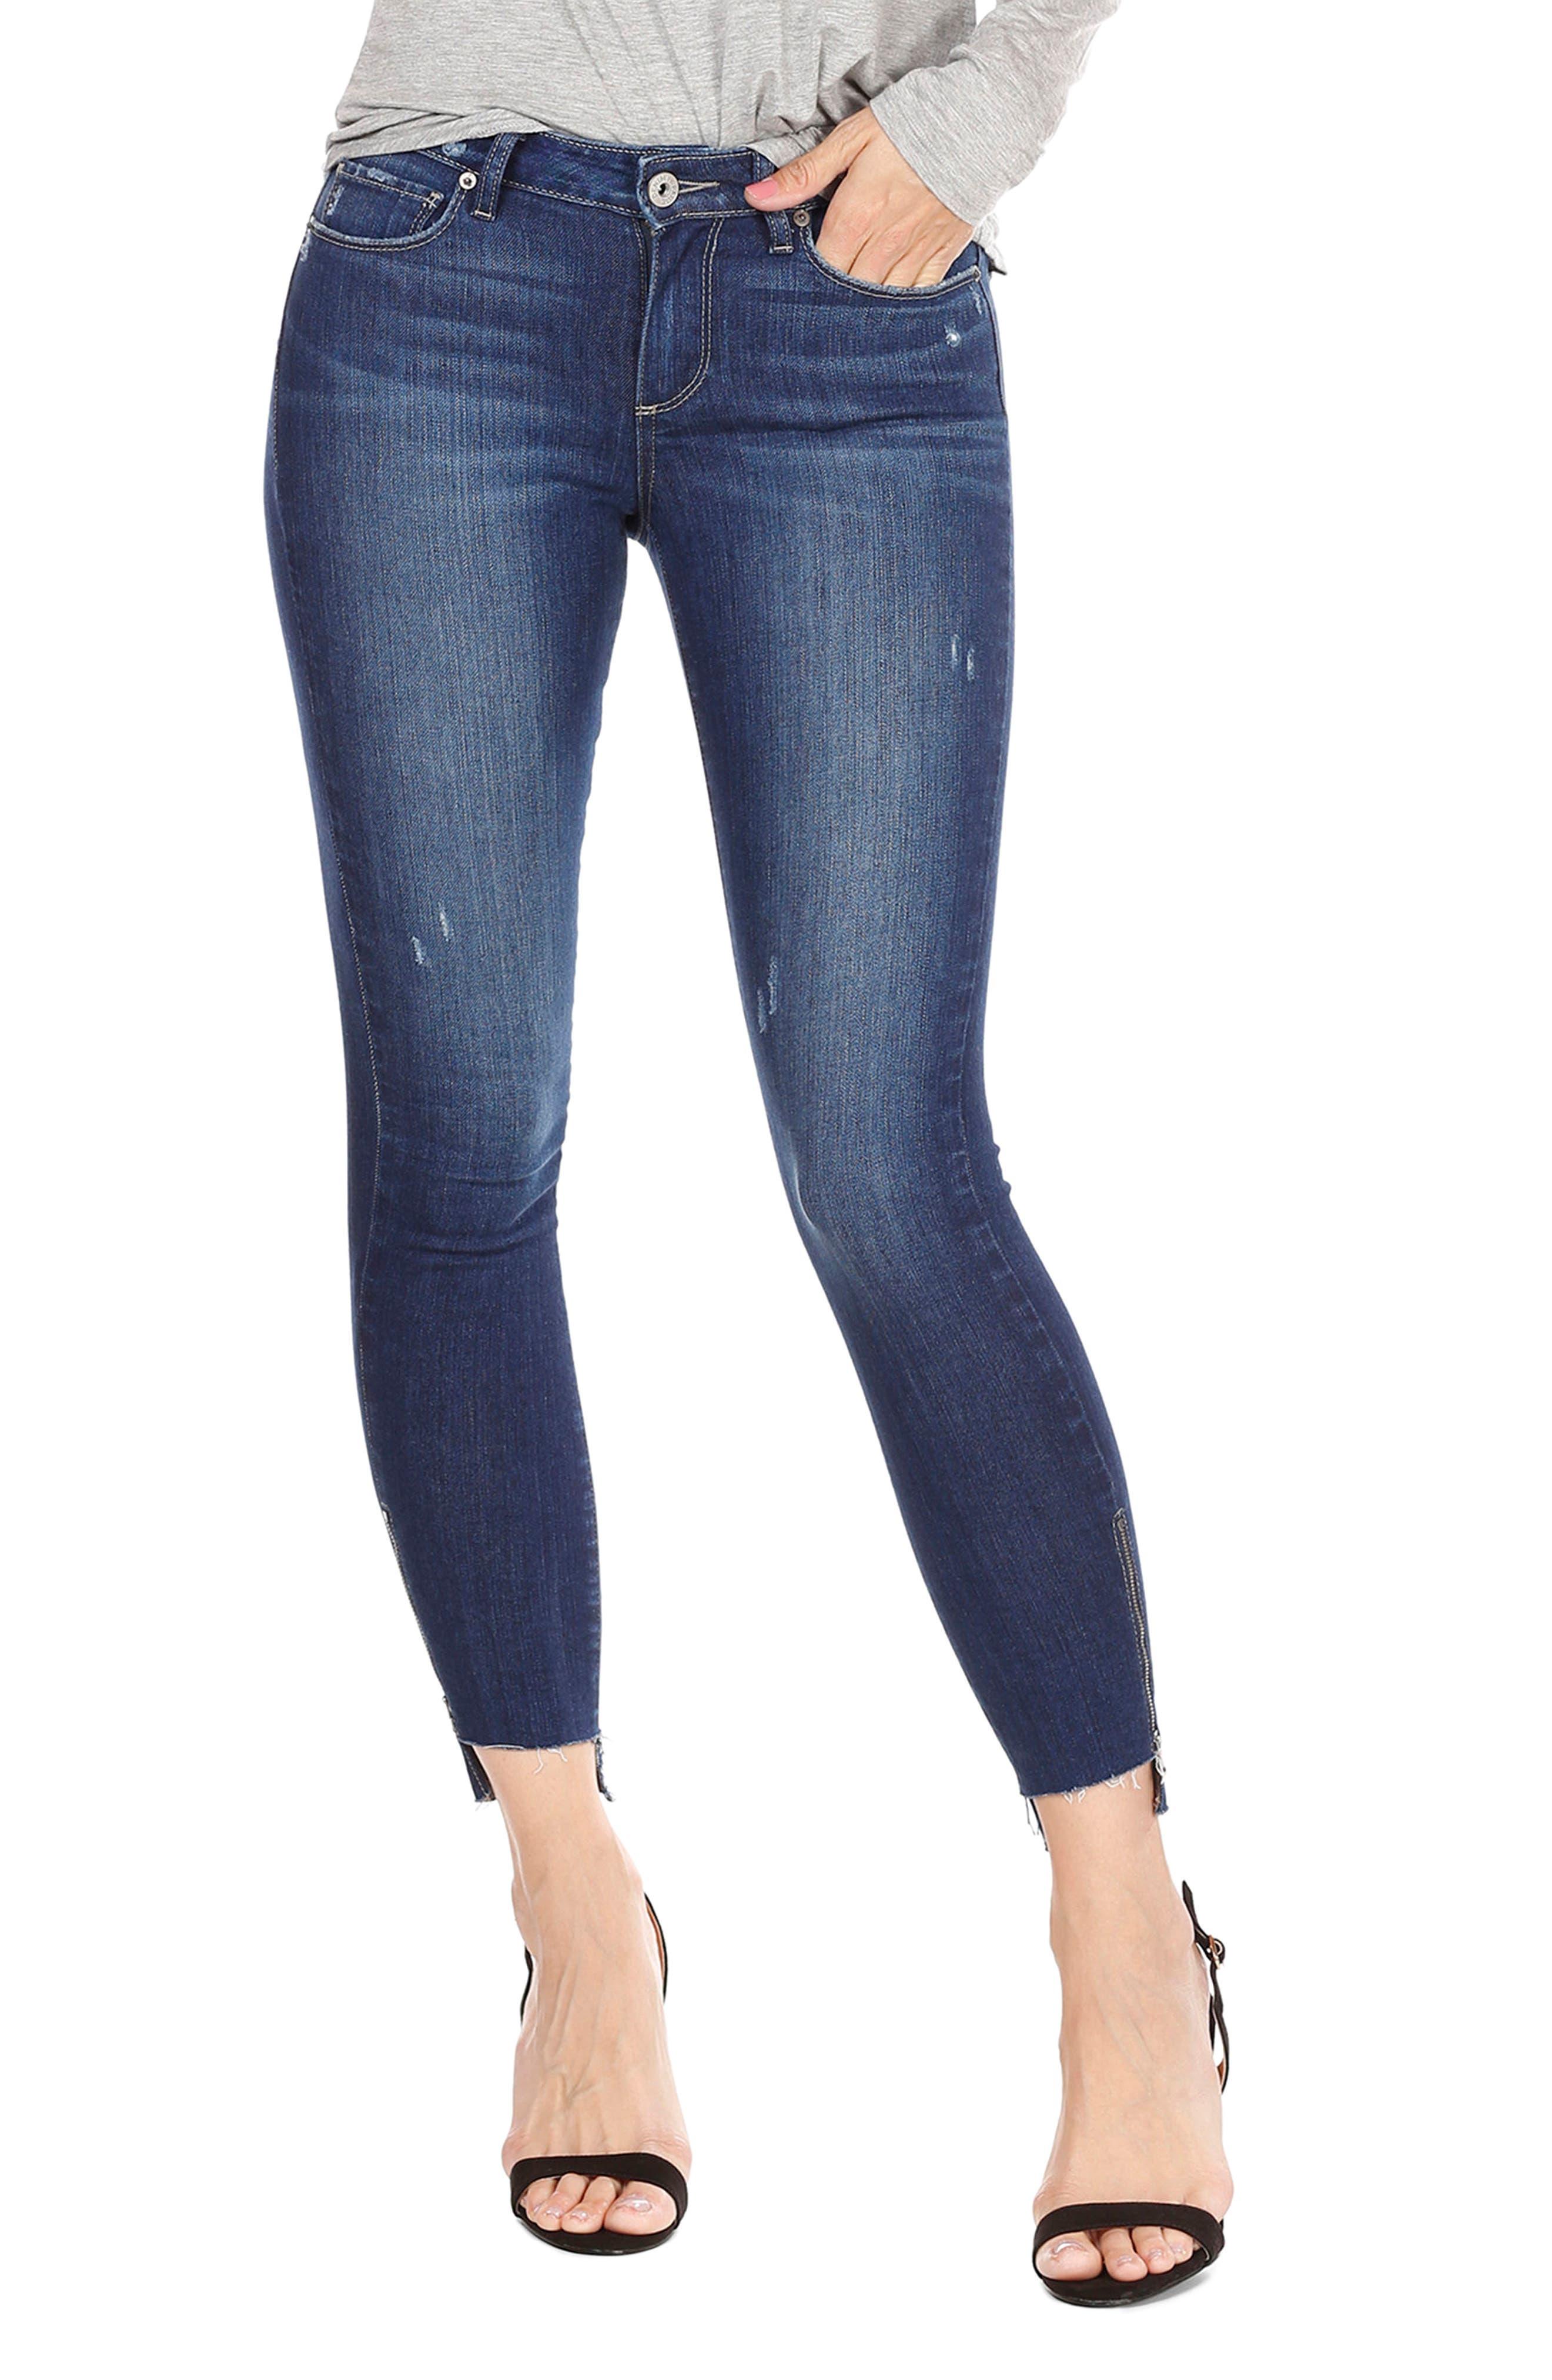 Main Image - PAIGE Hoxton High Waist Ankle Skinny Jeans (Marina)